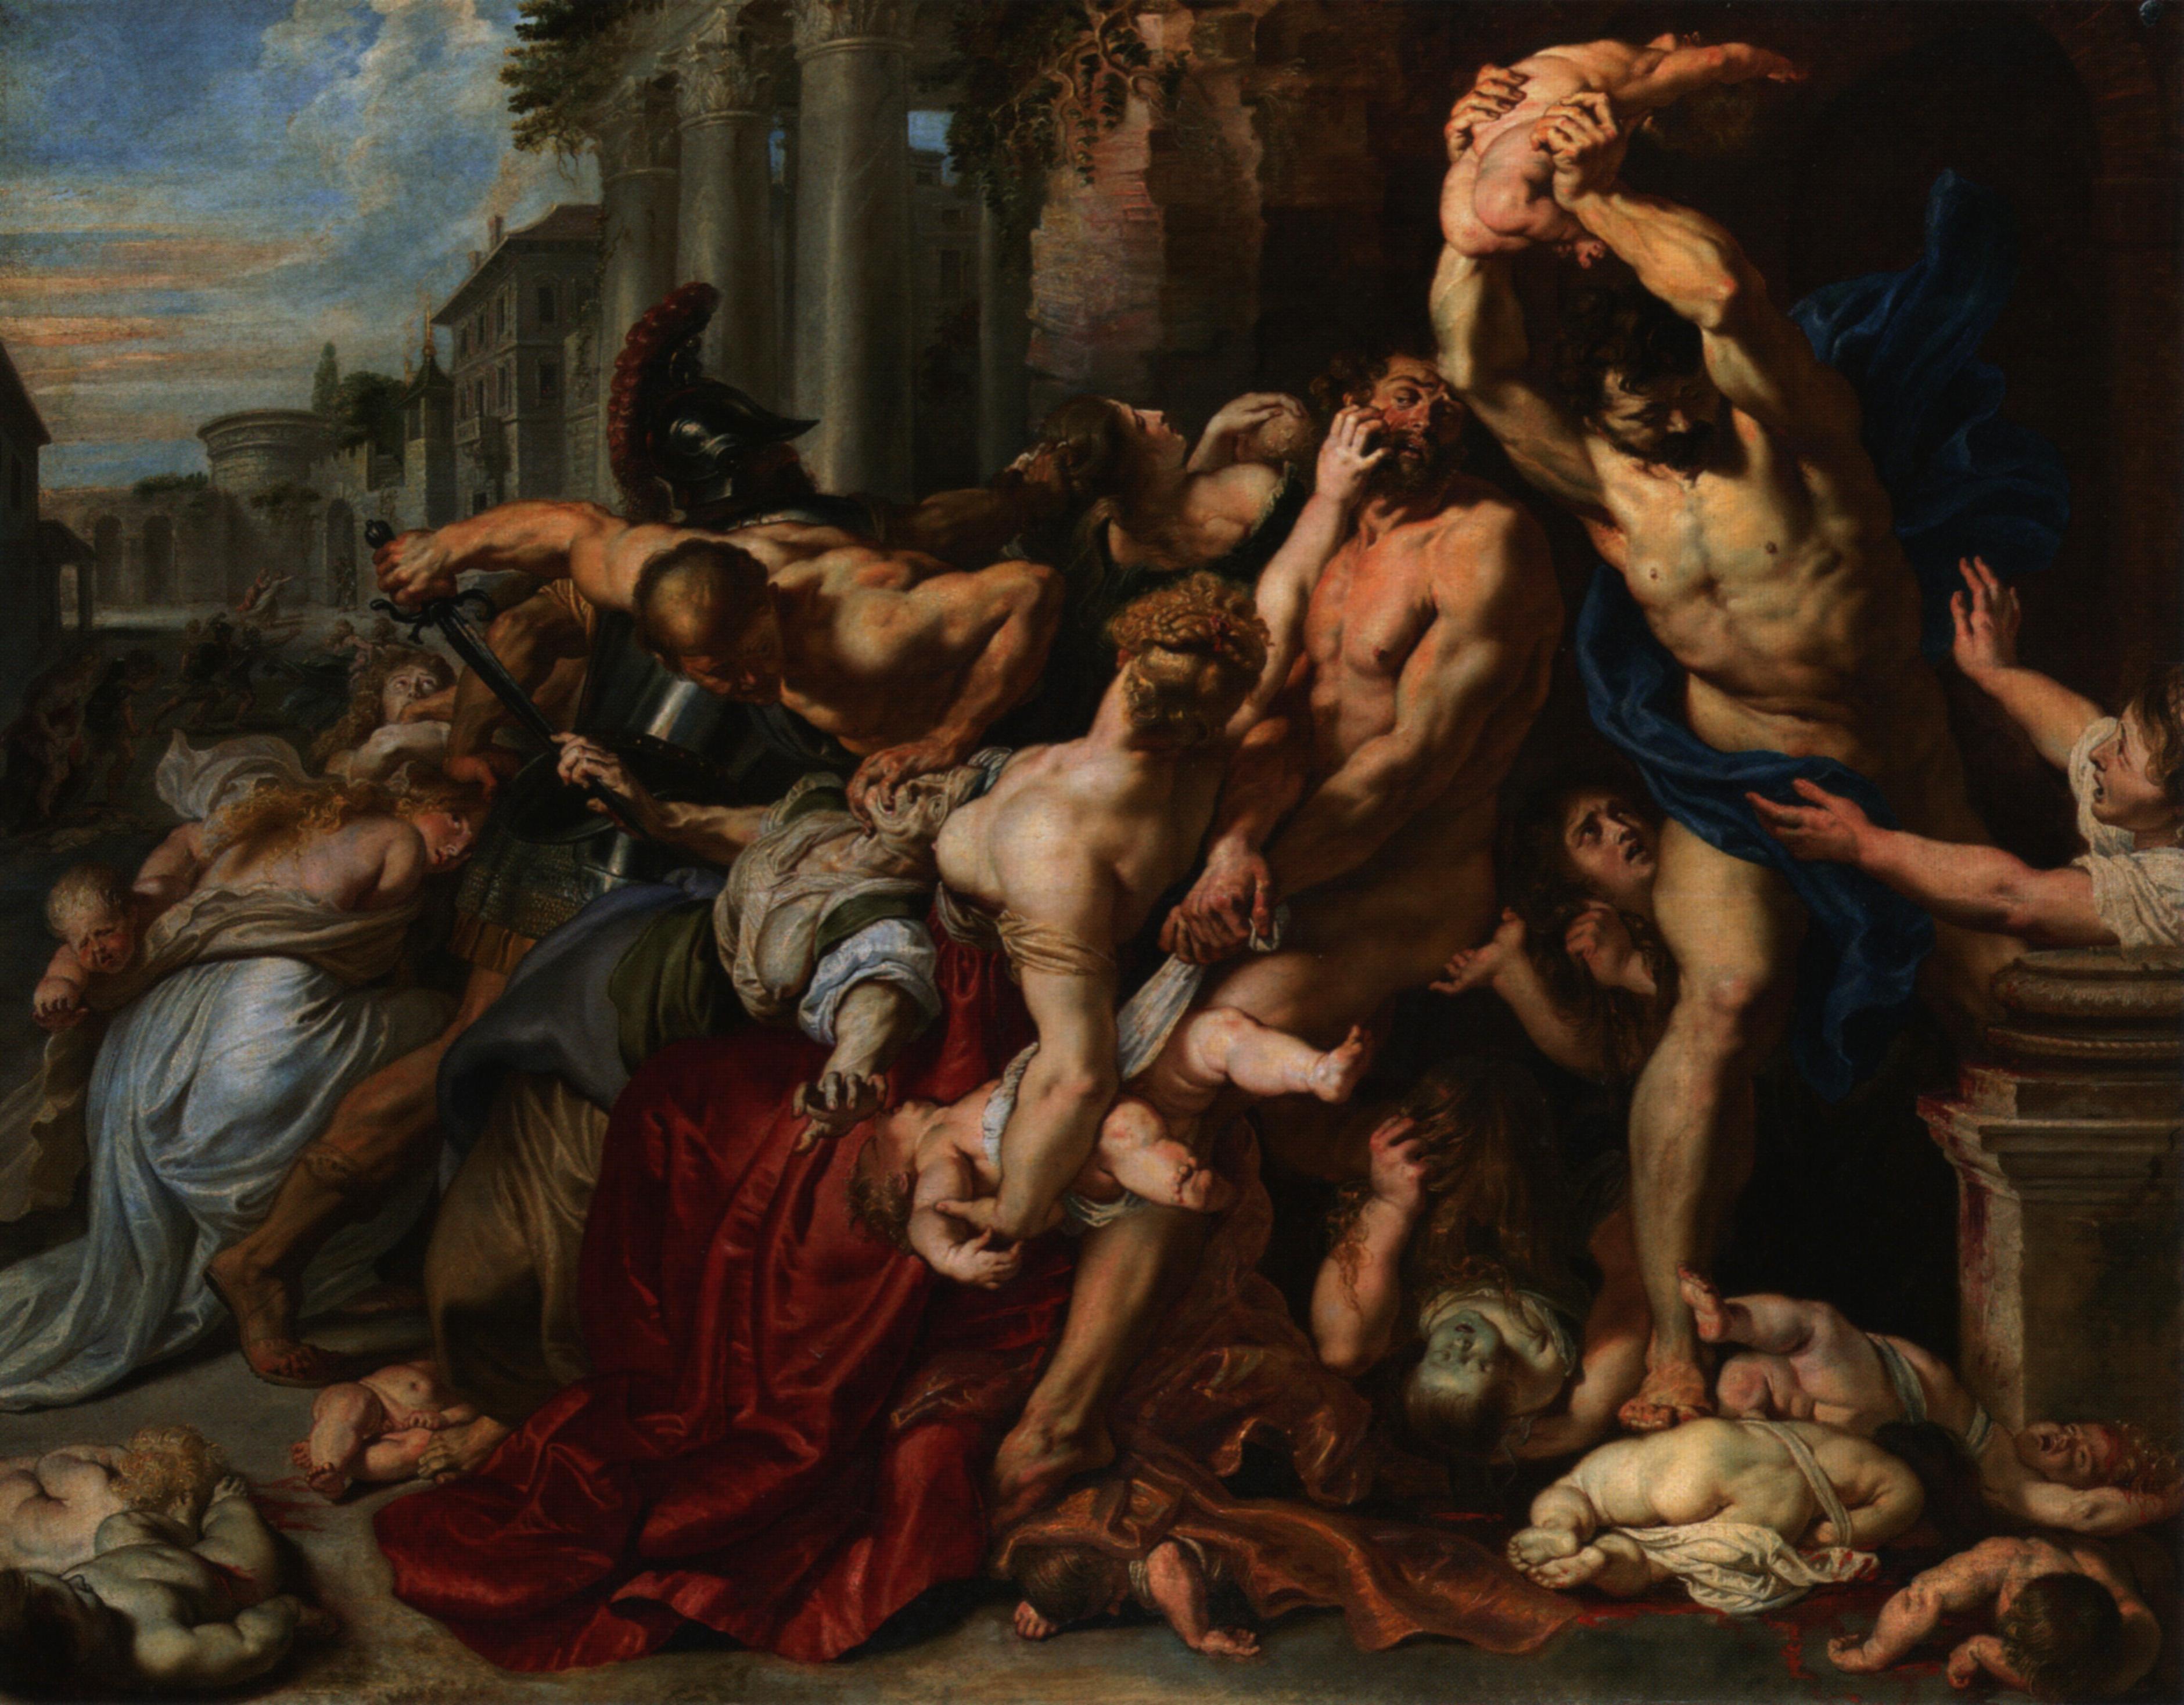 Masacre de los inocentes